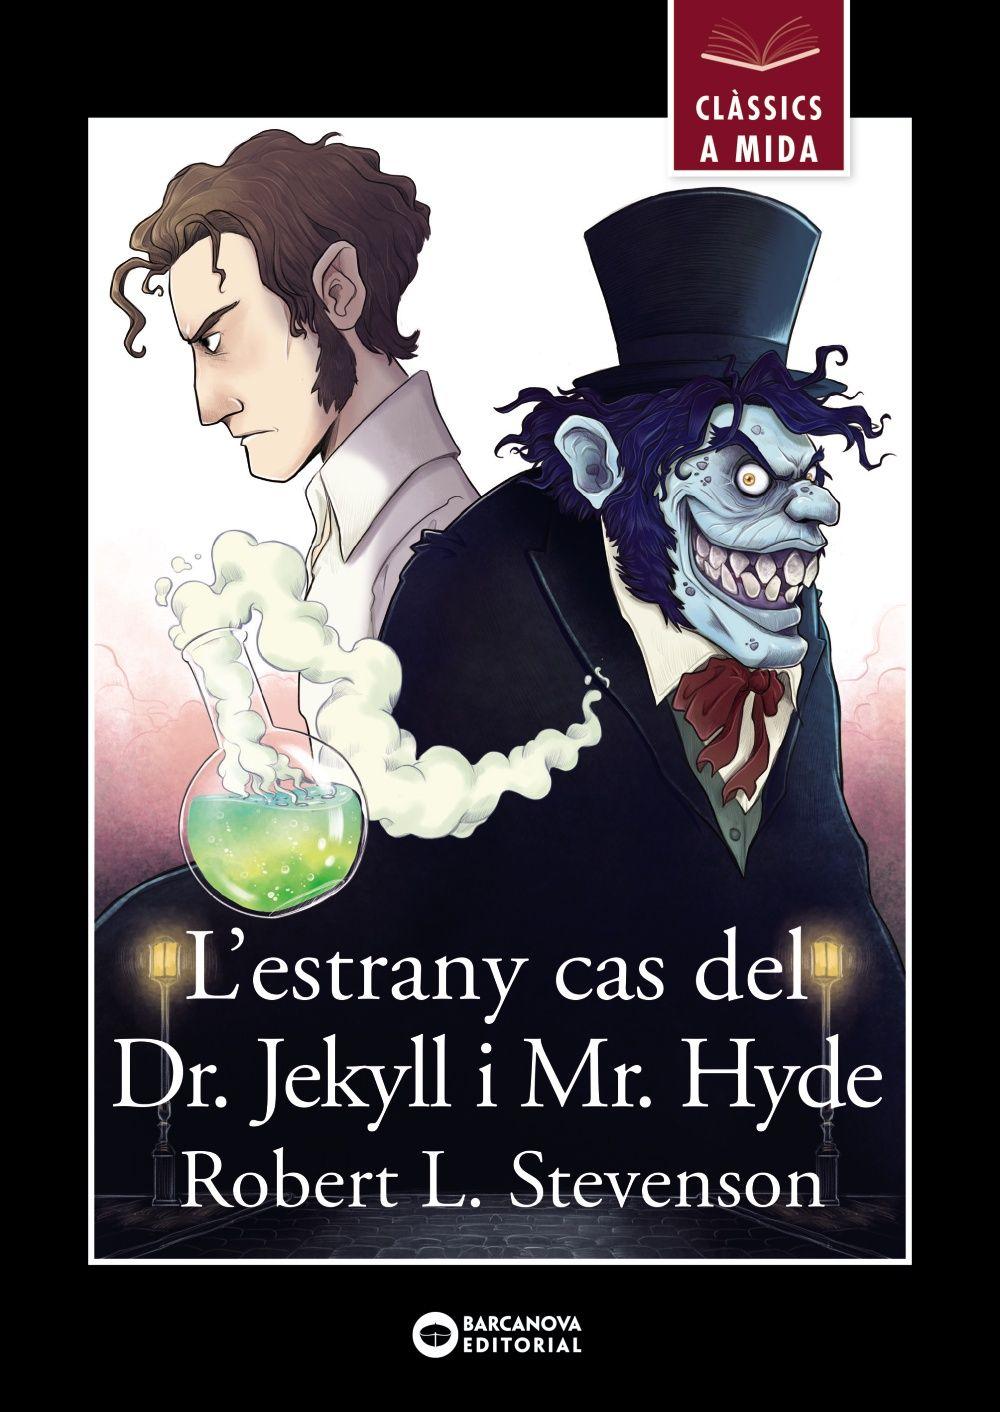 ESTARNY CAS DEL DR JEKYLL I MR HYDE CLASSICS A MIDA